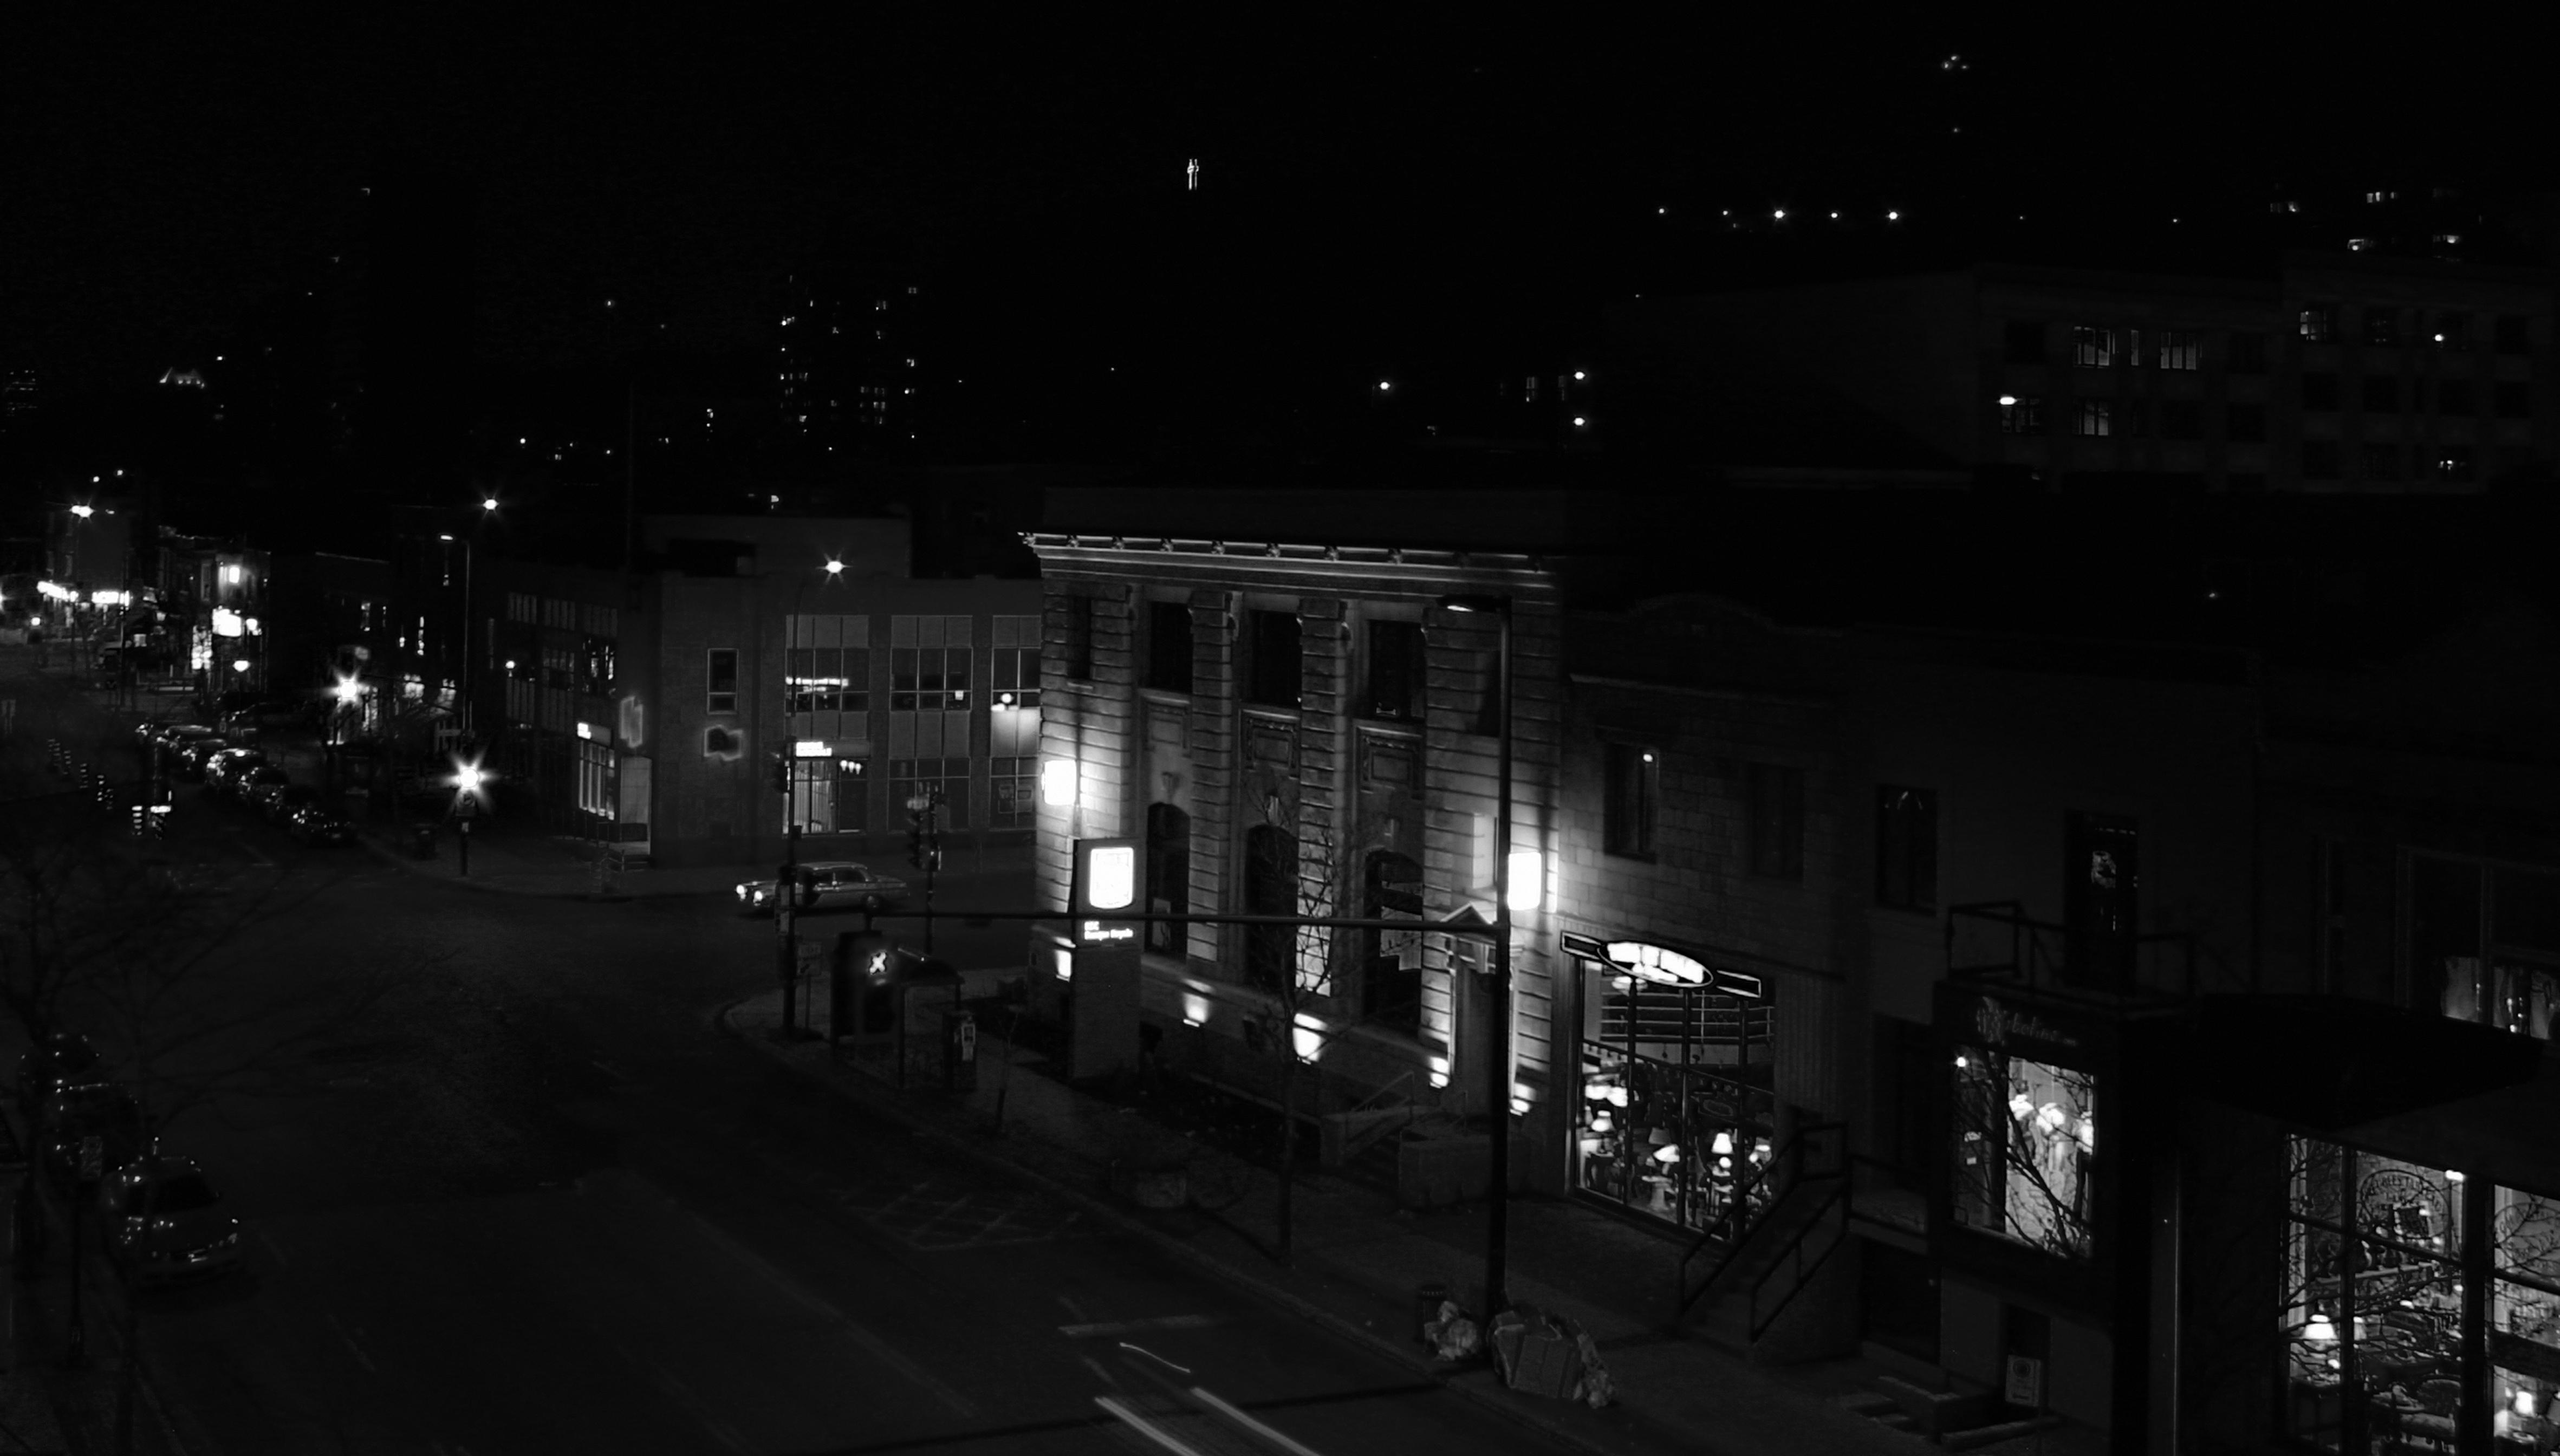 Montréal, quebec, rue, avenue parc, mont royal, black white, schwarz weiss, lizenzfreie fotos, fotografie, bildmaterial, kostenlos, free